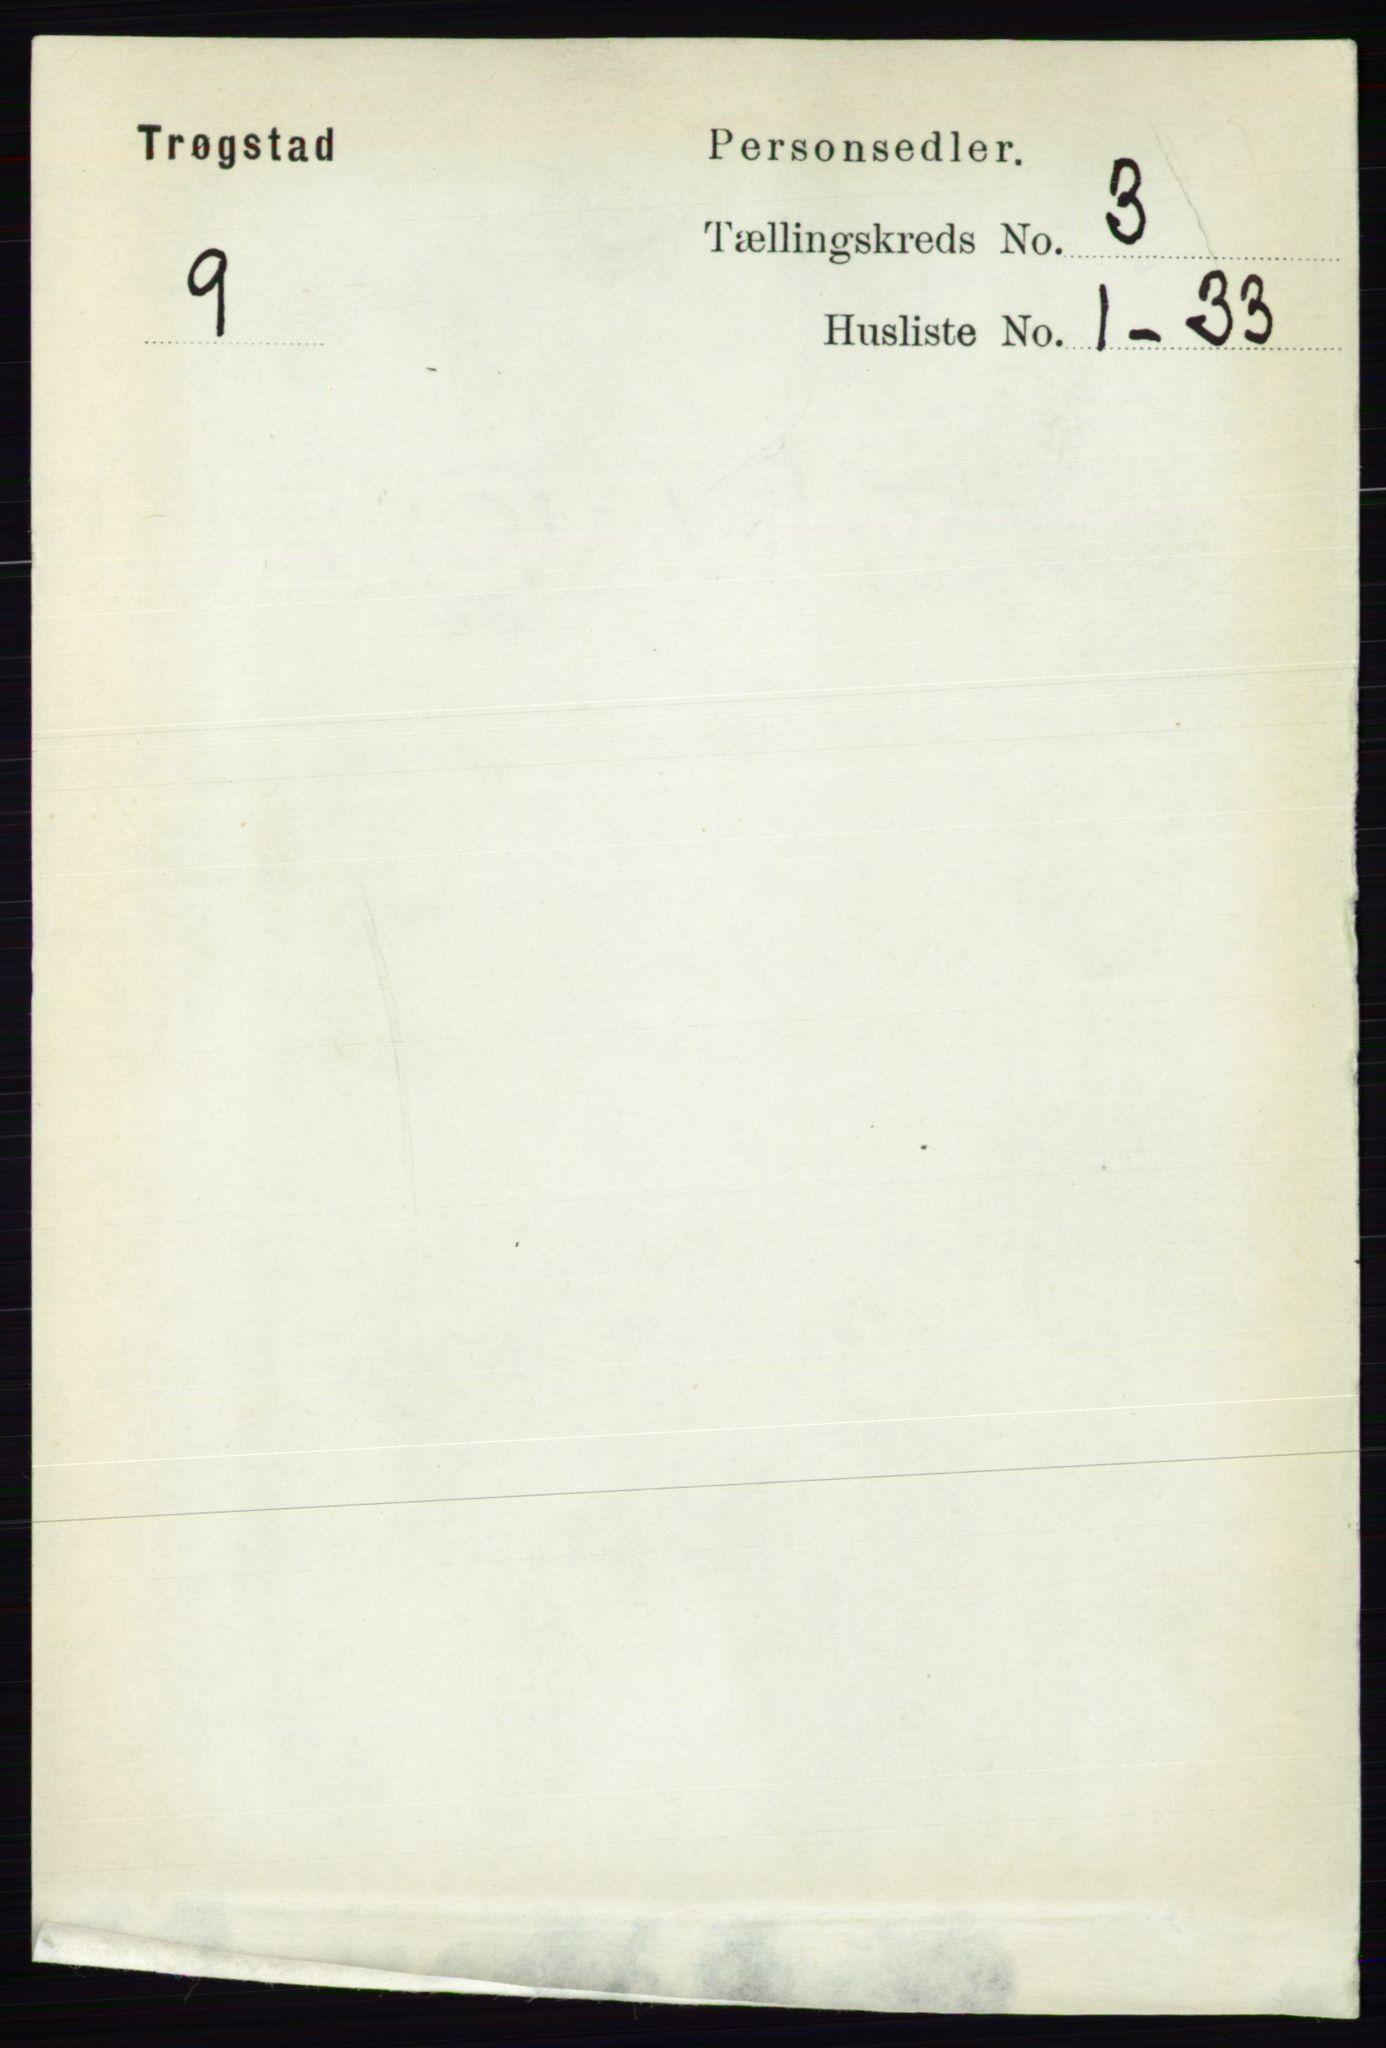 RA, Folketelling 1891 for 0122 Trøgstad herred, 1891, s. 1119